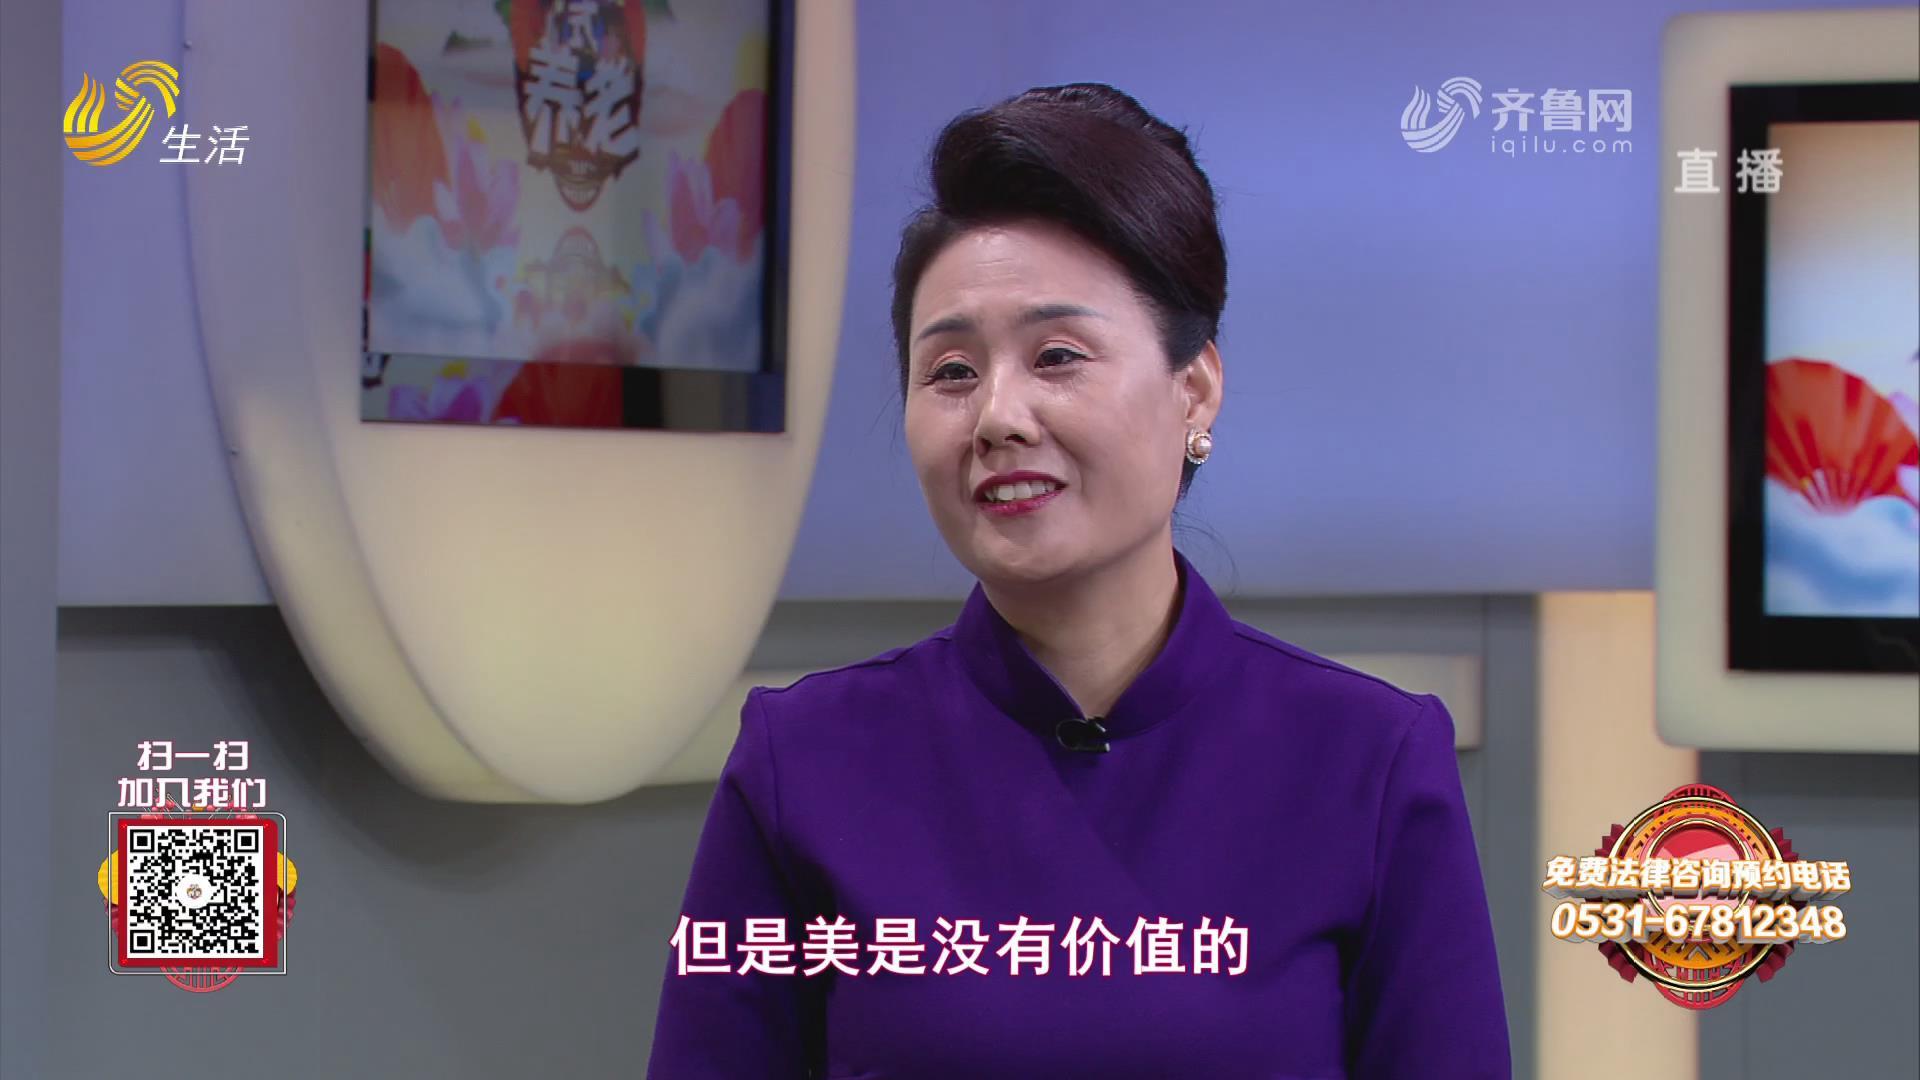 中国式养老-刘团长:坚持梦想 美丽无价